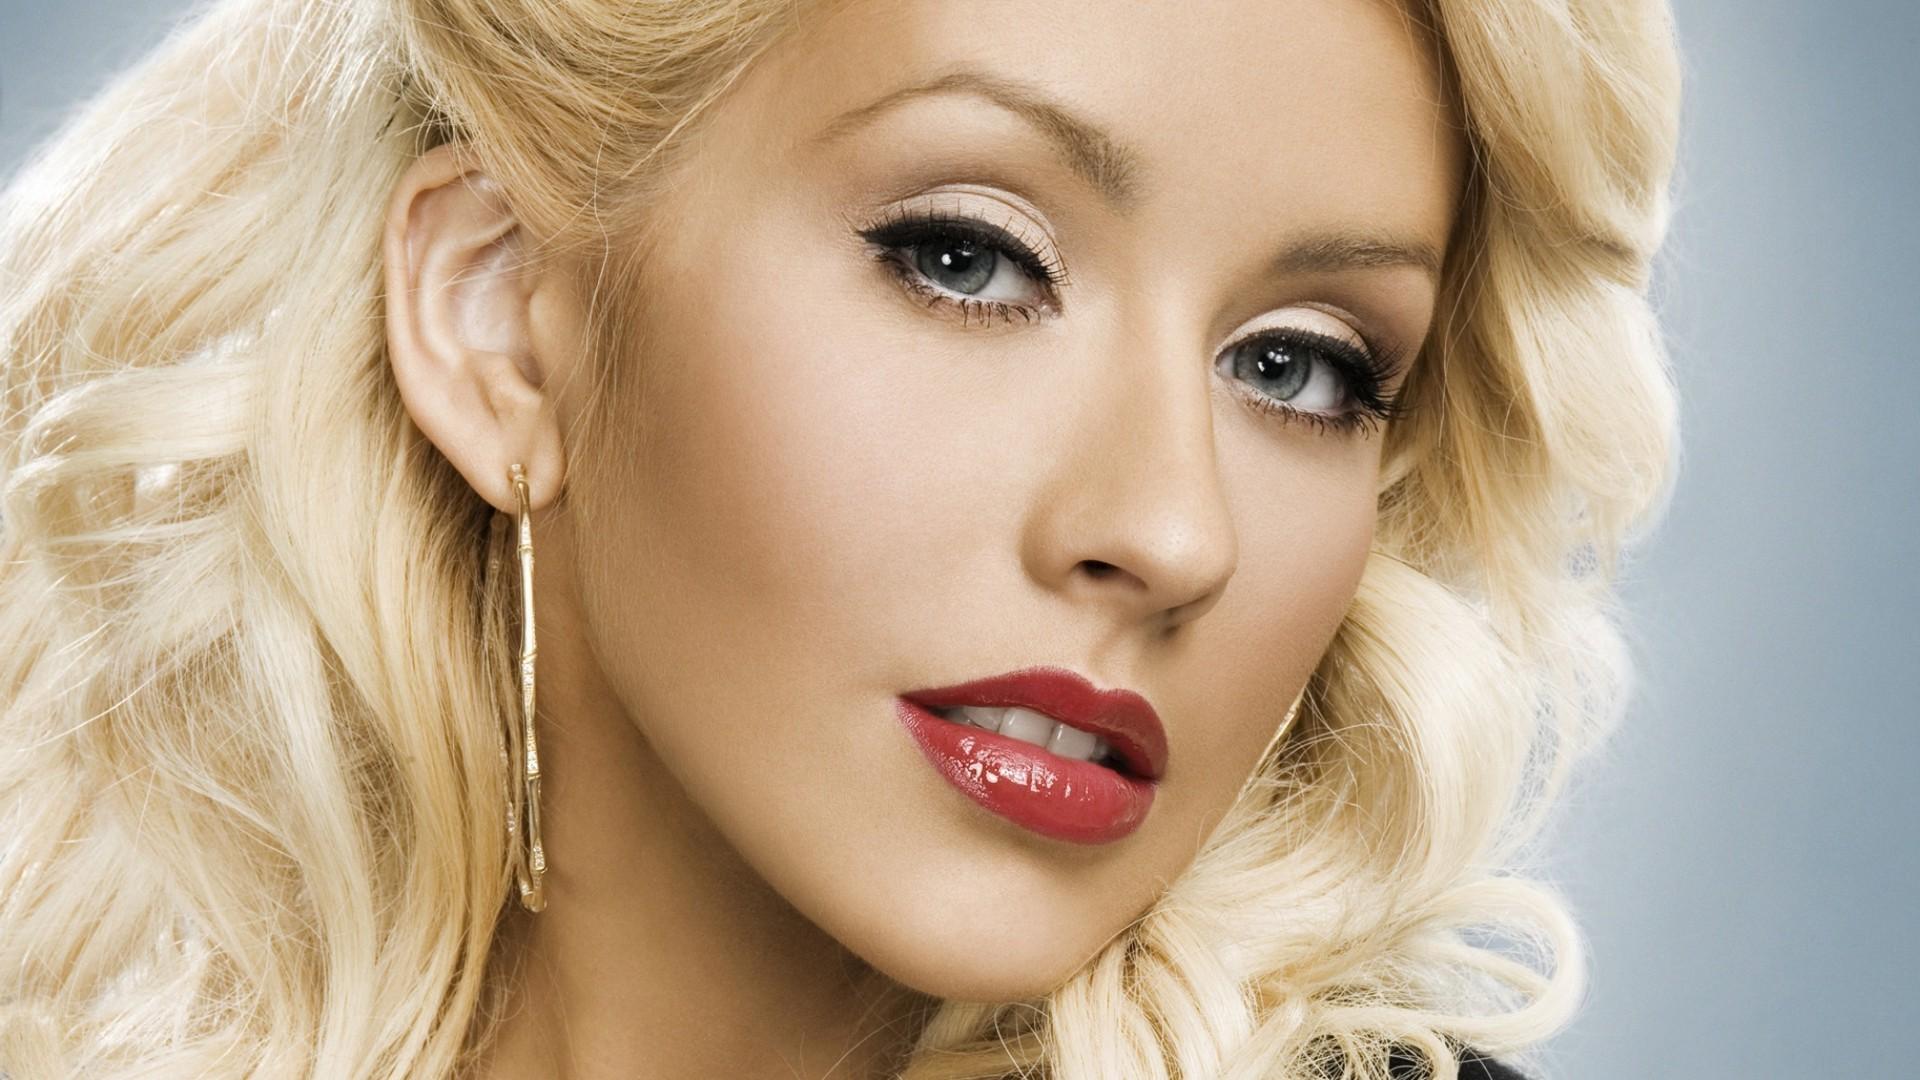 Se filtra fragmento de una nueva canción de Christina Aguilera